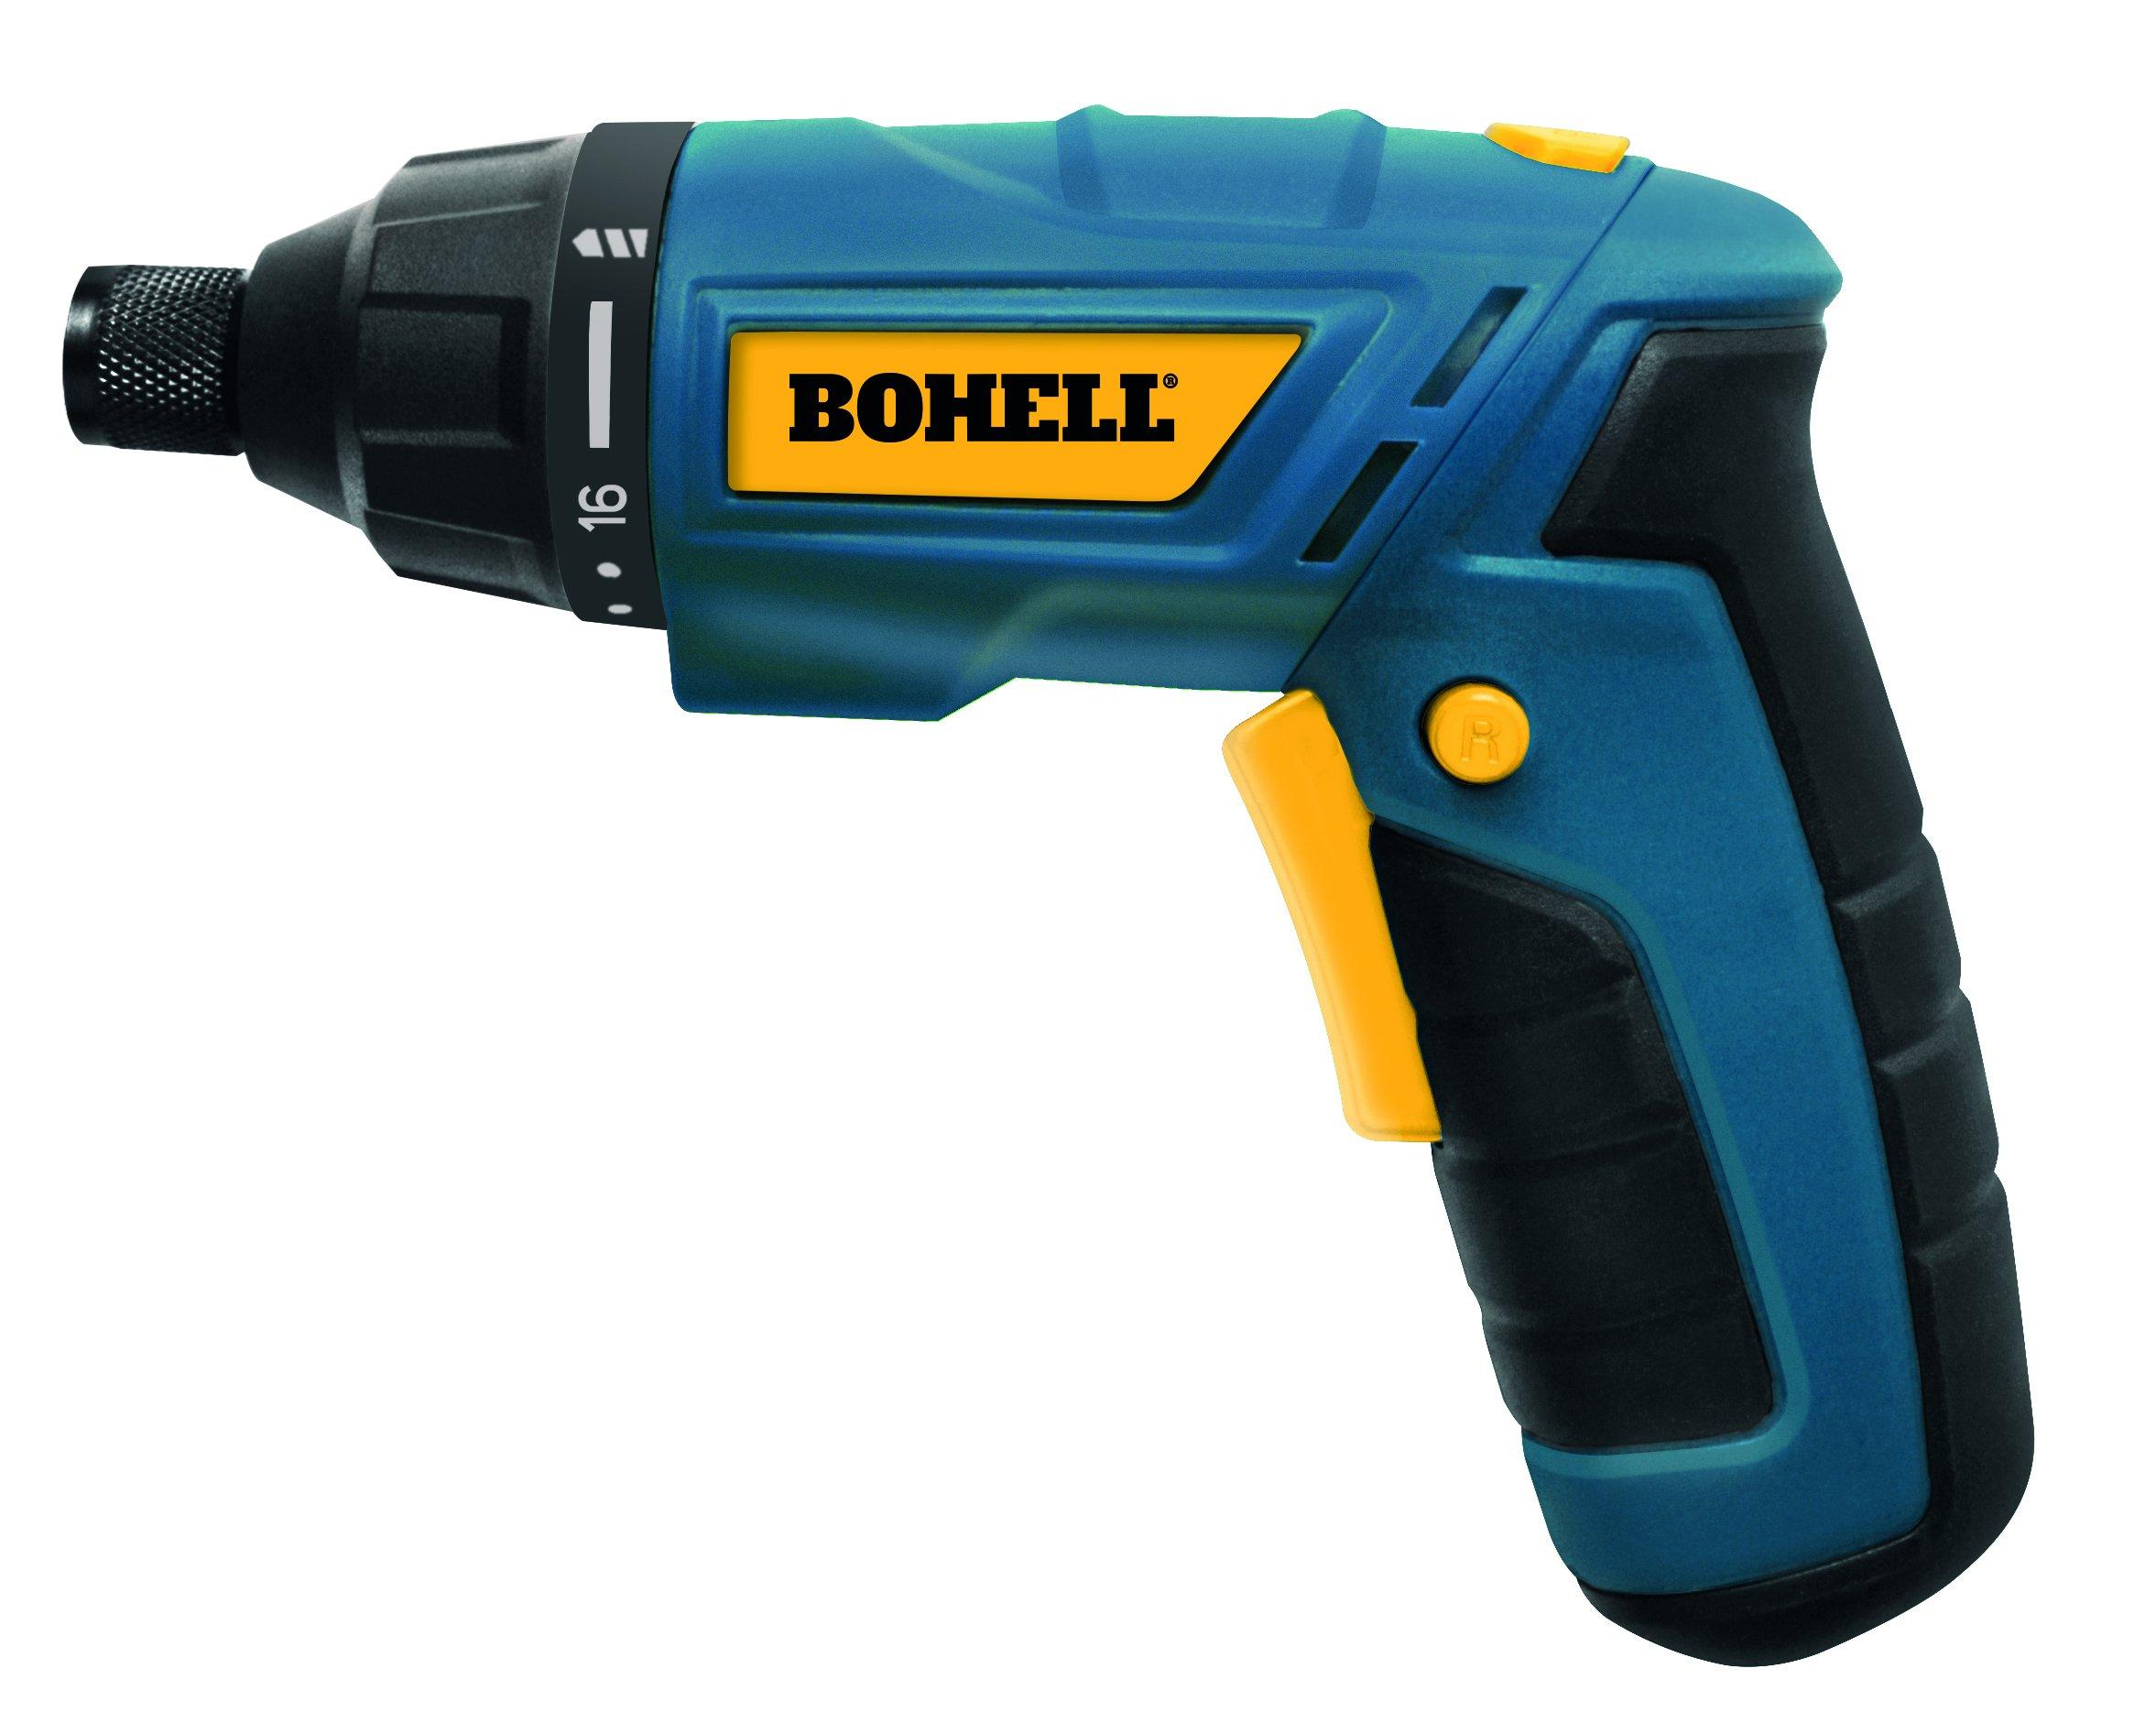 bohell-at36li-Schraub-ohne-Kabel-mit-zwei-Position-36-V-Lithium-Akkus-Geschwindigkeit-180-RPM-16-1-Drehmomenteinstellungen-maximalen-Drehmoment-3-Nm